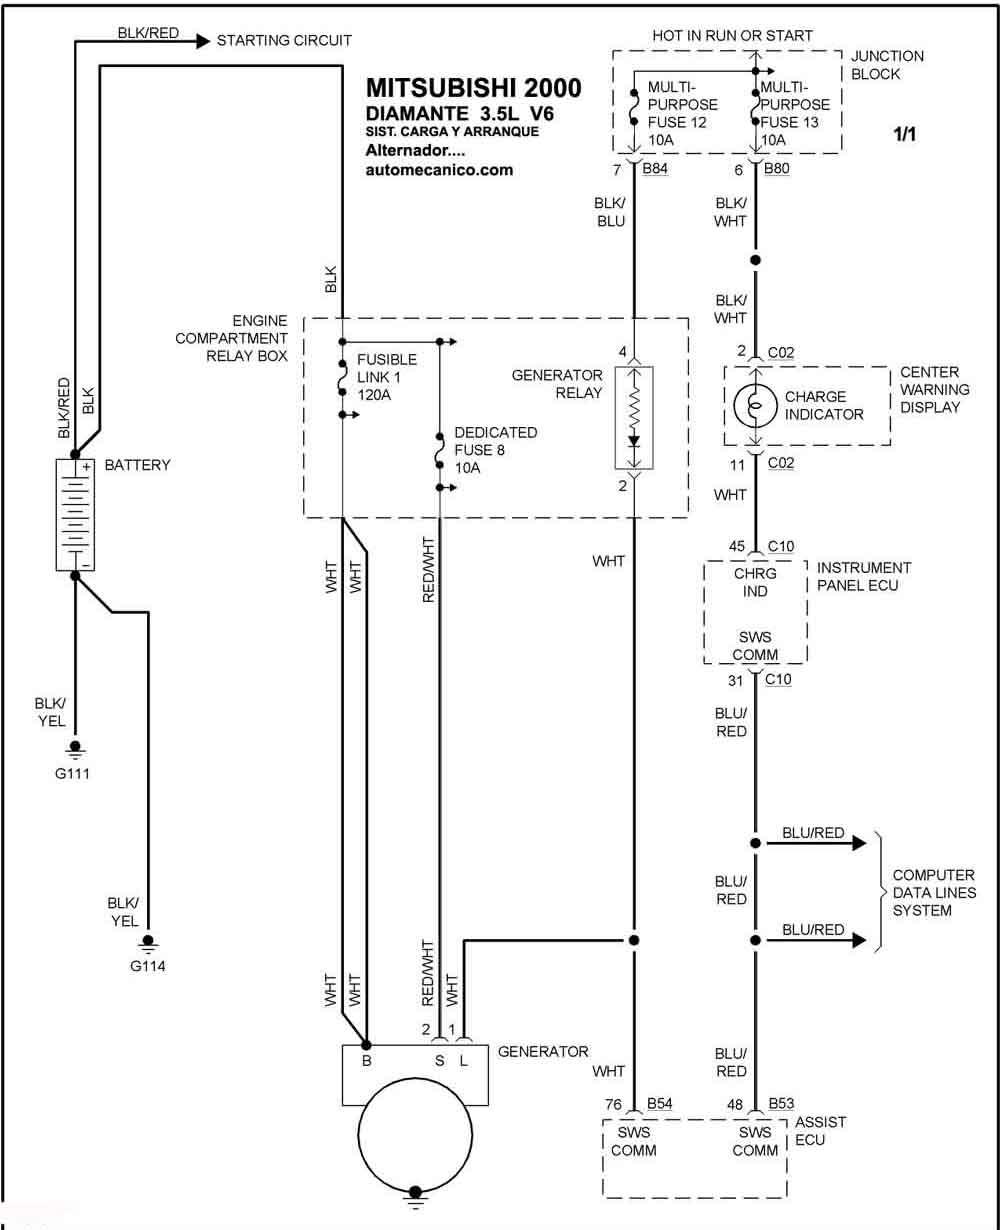 Mitsubishi - Sistema De Carga Y Arranque 2000